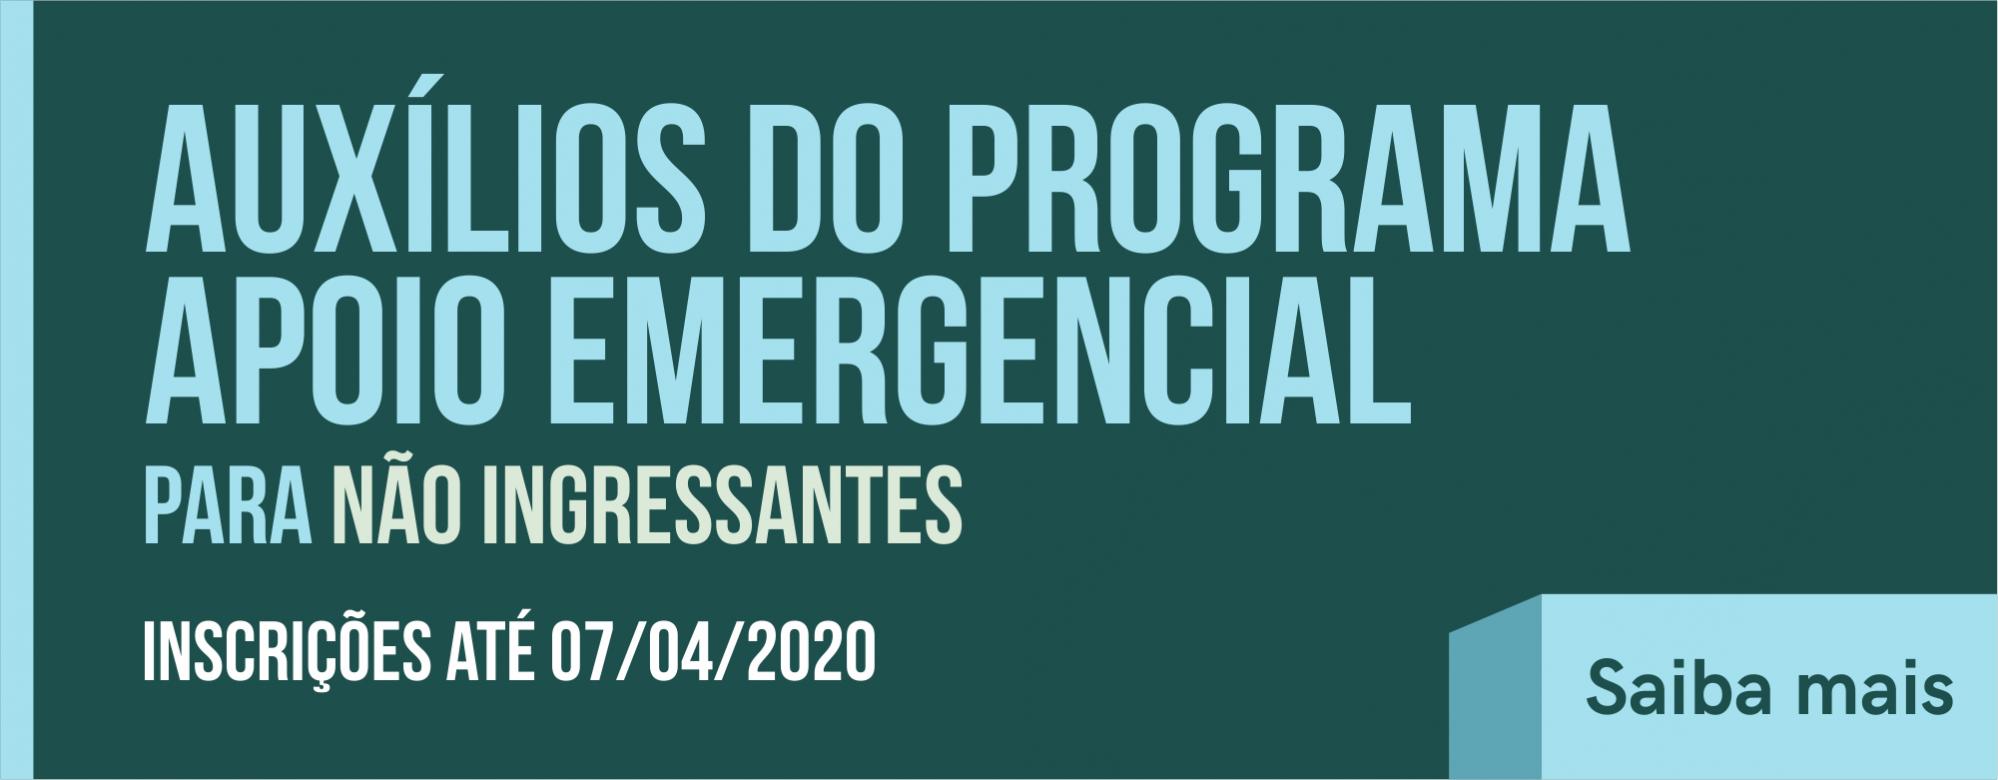 Auxílios do Programa de Apoio Emergencial para não ingressantes em 2020